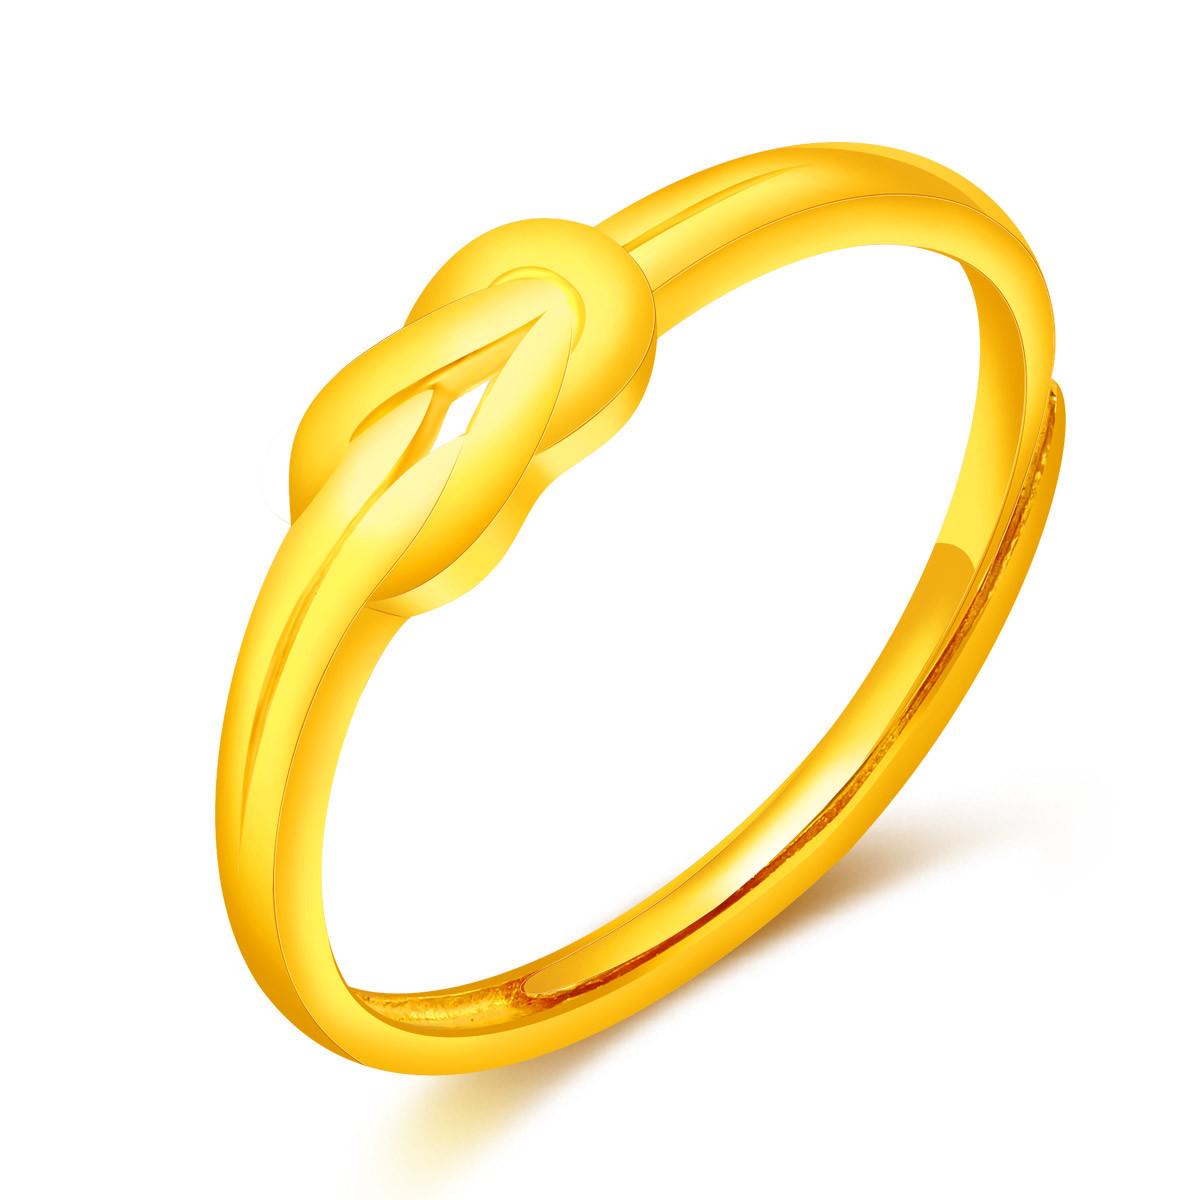 翠绿翠绿 5G黄金 足金同心结女士黄金戒指(计价)A01000021365